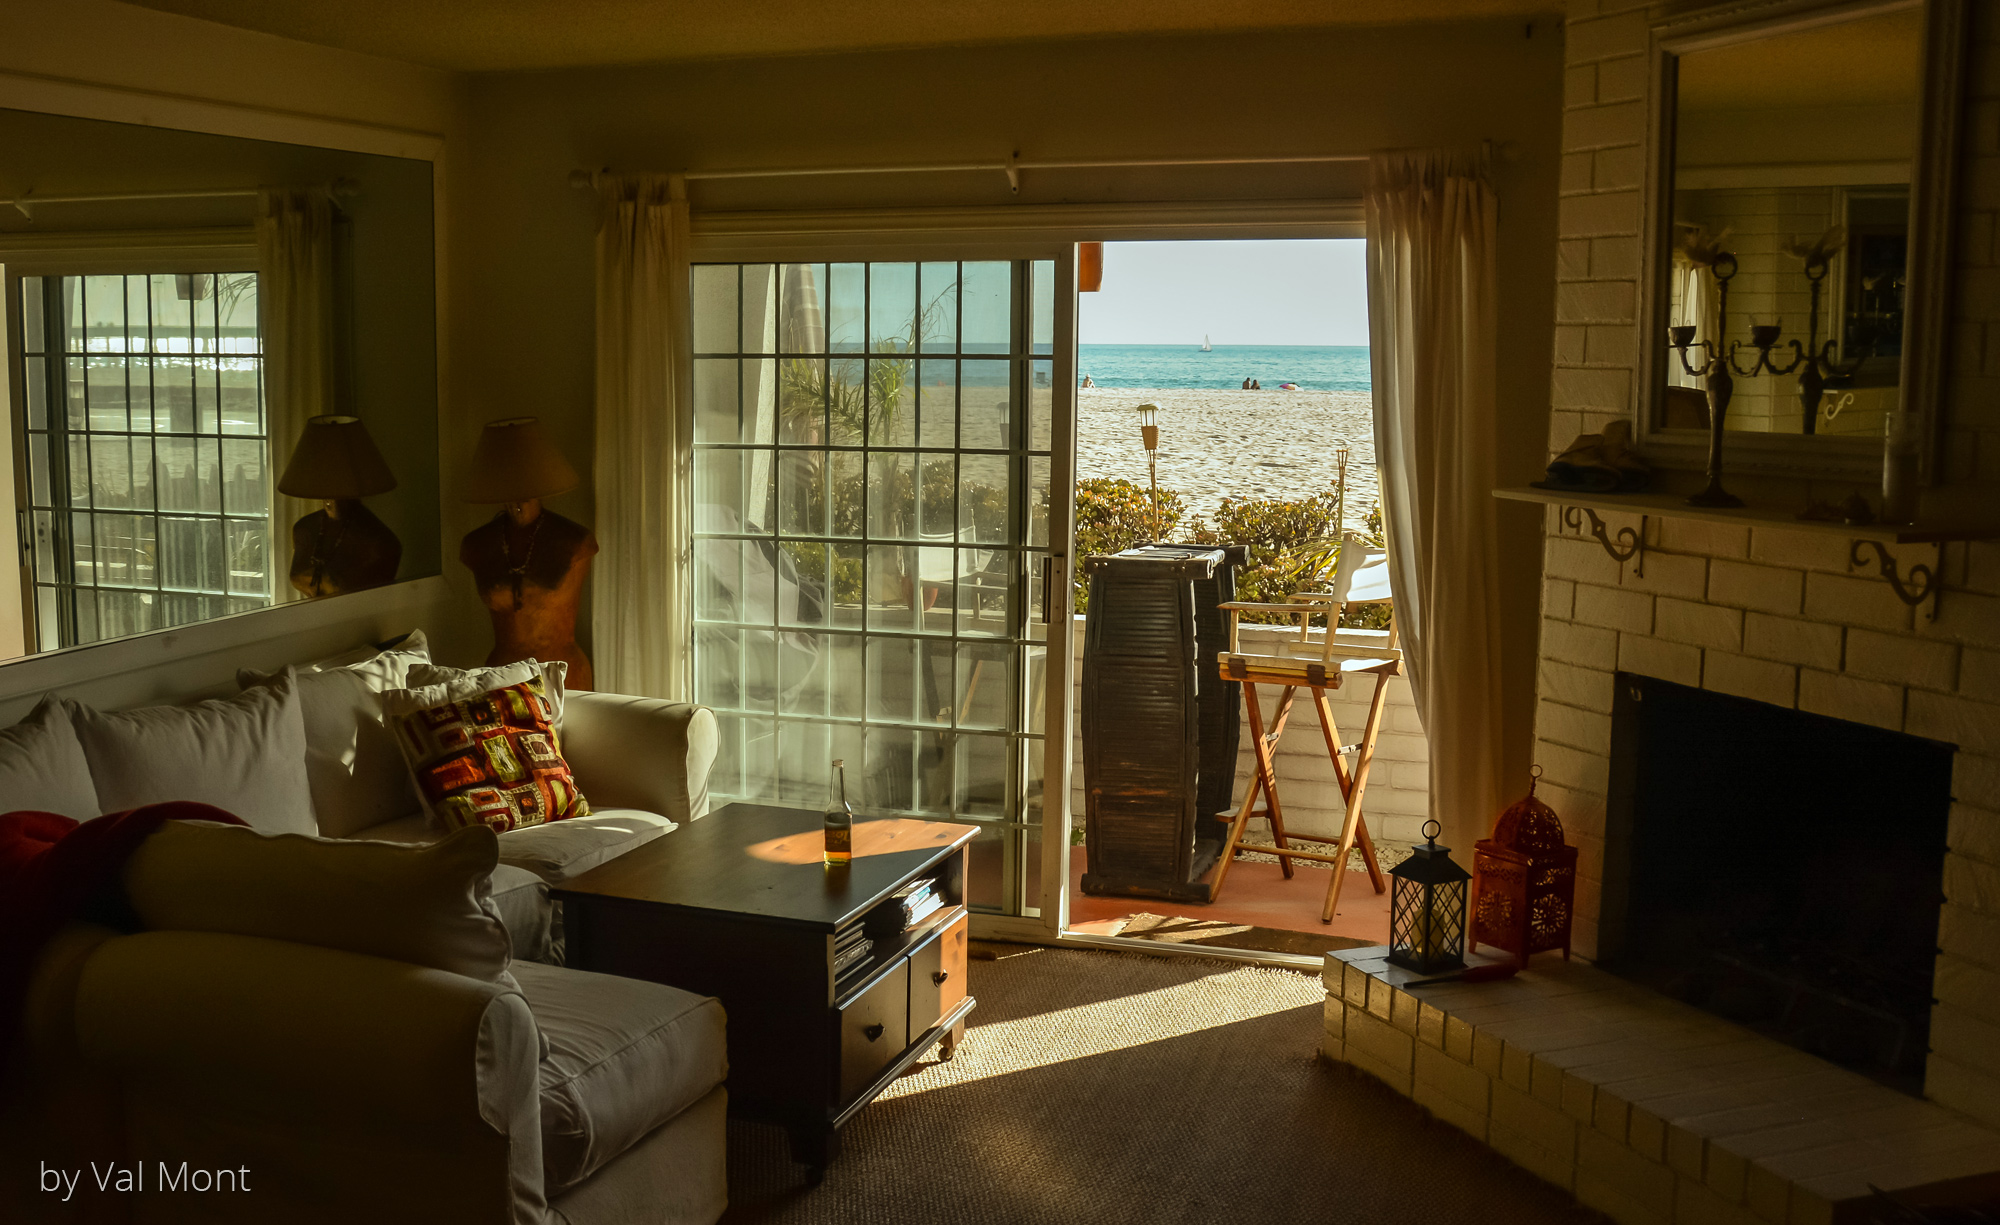 Blick aus dem Appartment in einem der alten zweistöckigen Häuser direkt am Venice Beach/Los Angeles